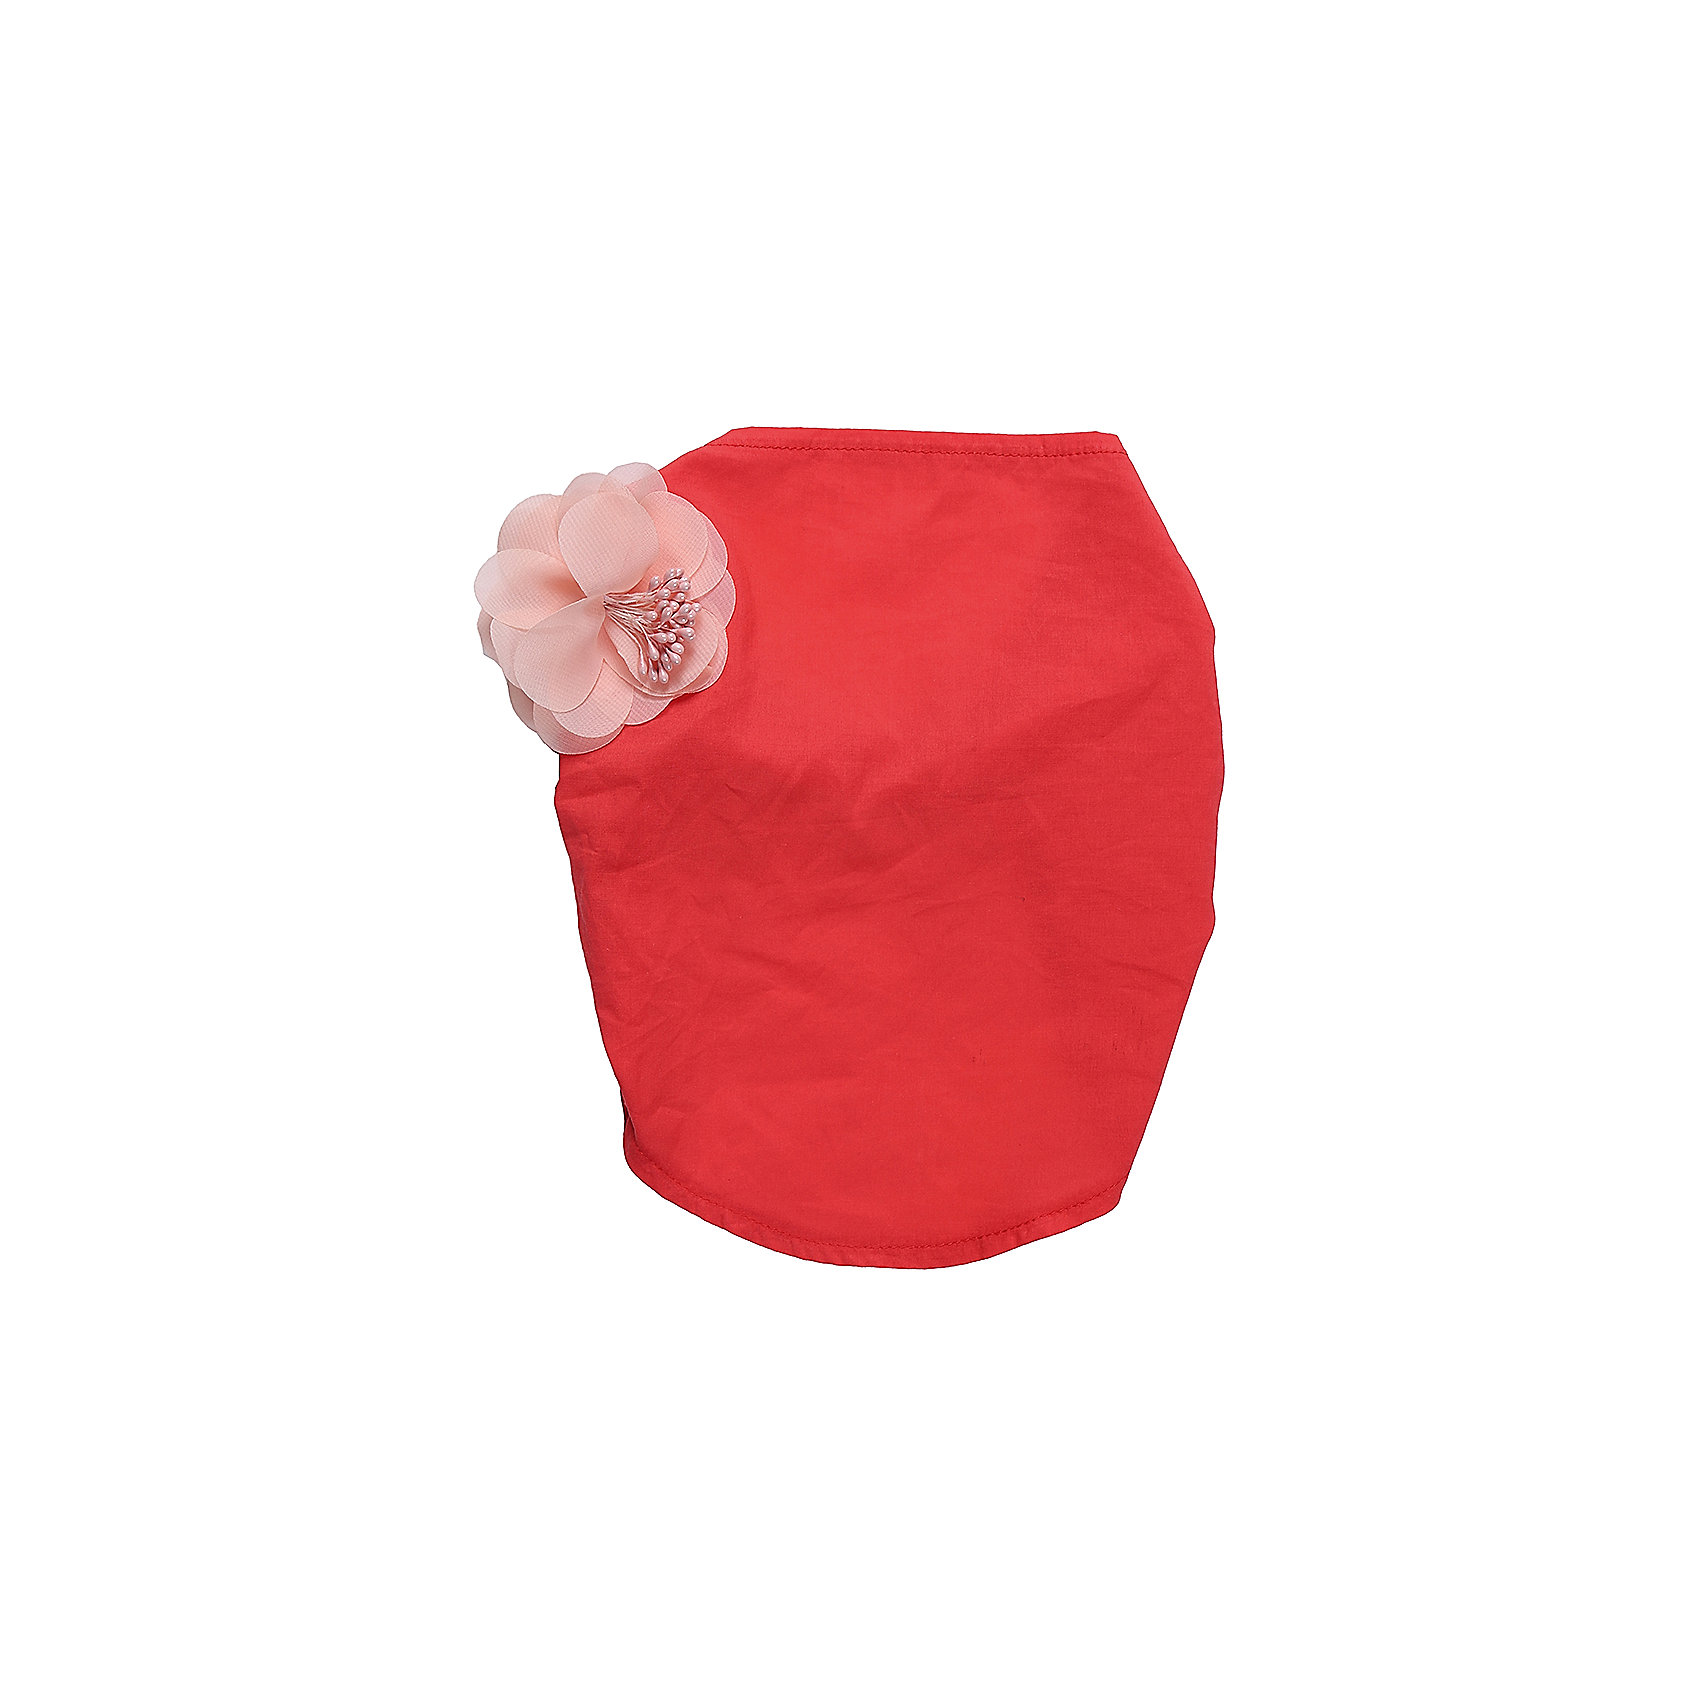 Повязка на голову для девочки Sweet BerryГоловные уборы<br>Трикотажная  повязка для девочки декорированная цветком.<br>Состав:<br>100% хлопок<br><br>Ширина мм: 89<br>Глубина мм: 117<br>Высота мм: 44<br>Вес г: 155<br>Цвет: розовый<br>Возраст от месяцев: 12<br>Возраст до месяцев: 18<br>Пол: Женский<br>Возраст: Детский<br>Размер: 48,50,52<br>SKU: 5410835